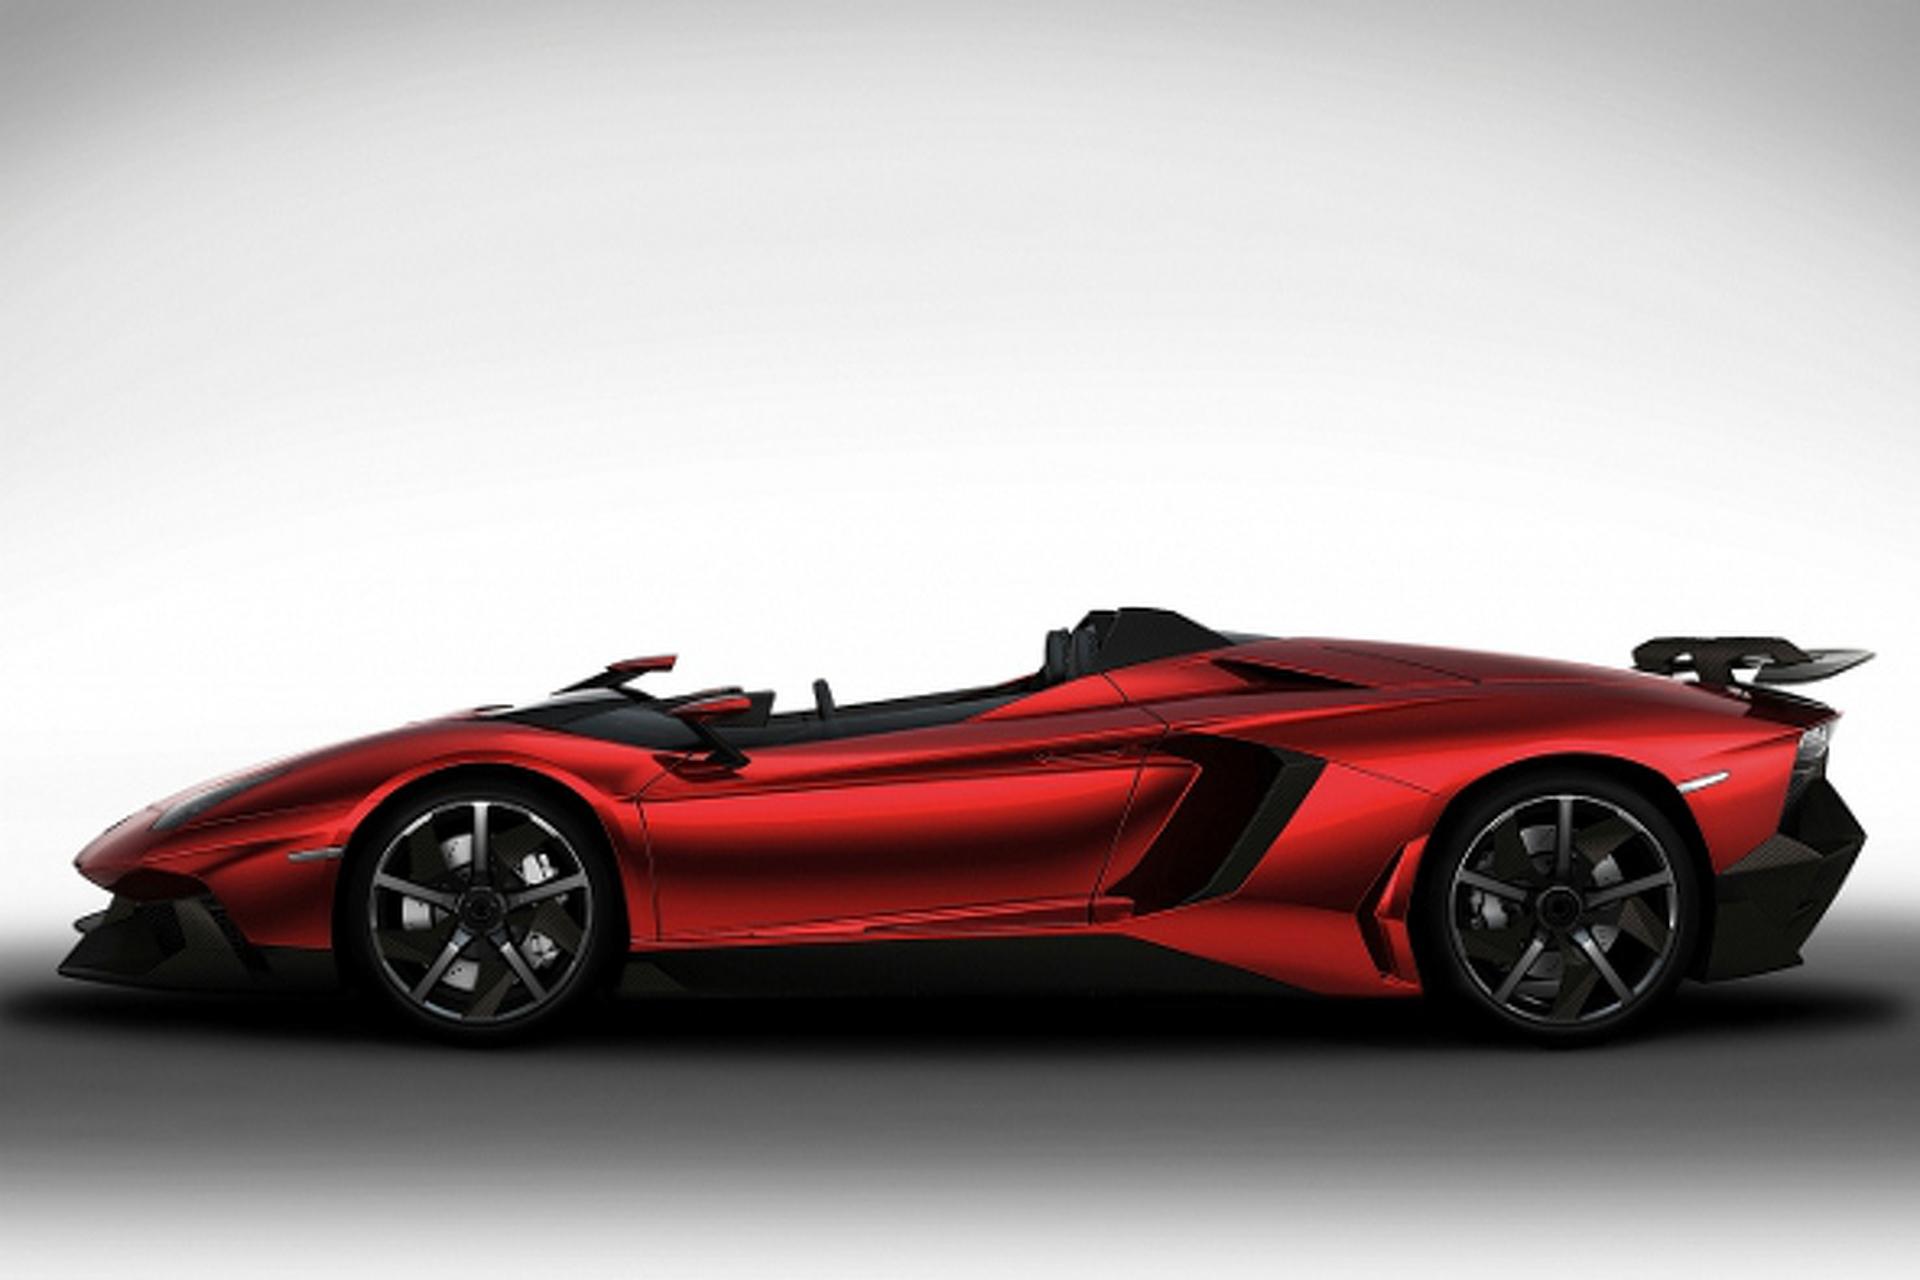 Lamborghini Aventador Roadster to Debut at Geneva?